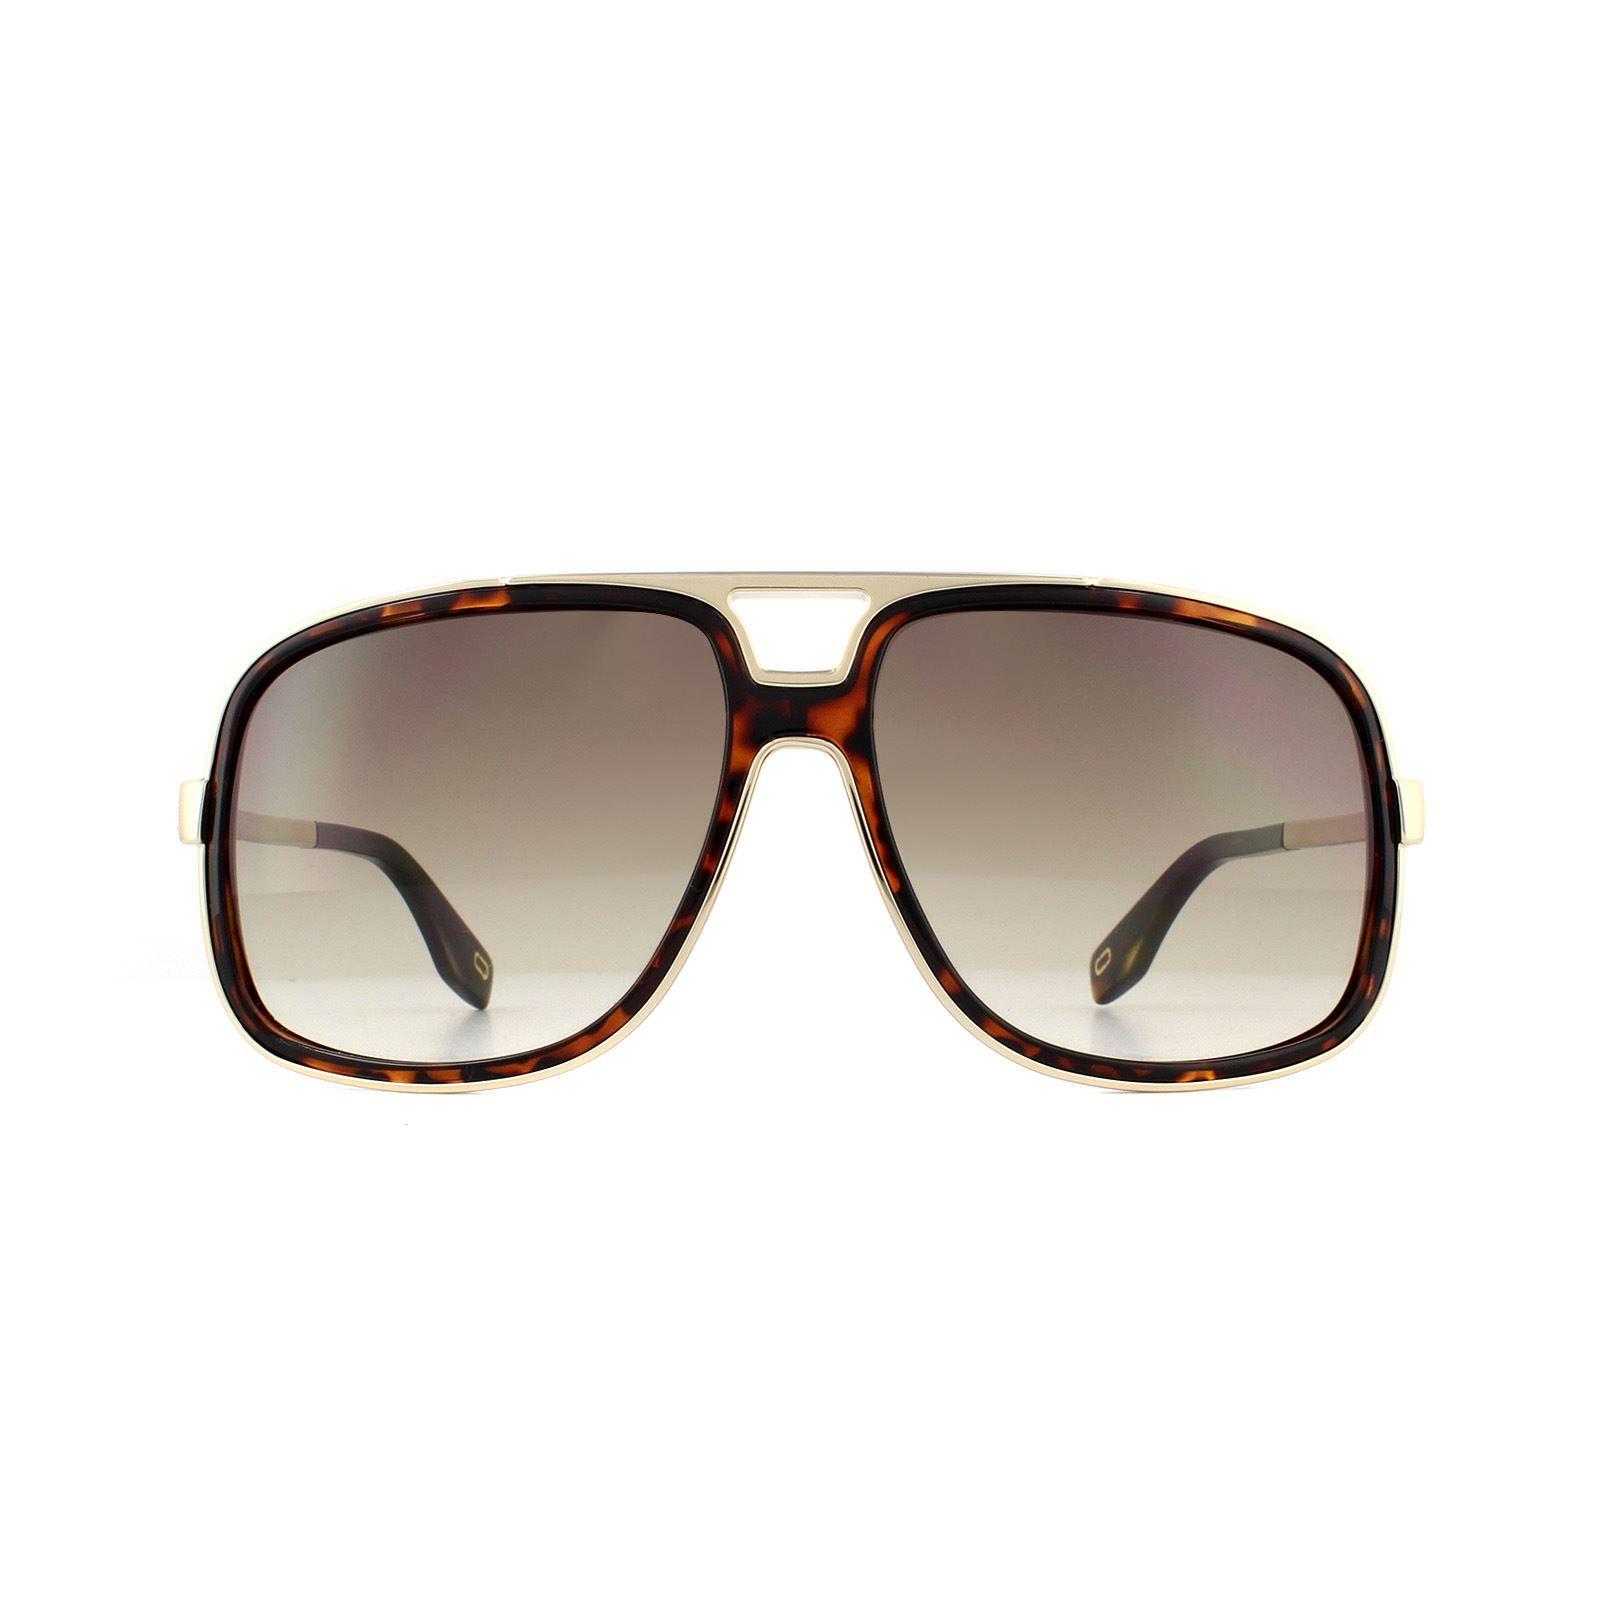 Marc Jacobs Sunglasses MARC 265/S 086 HA Dark Havana Brown Gradient